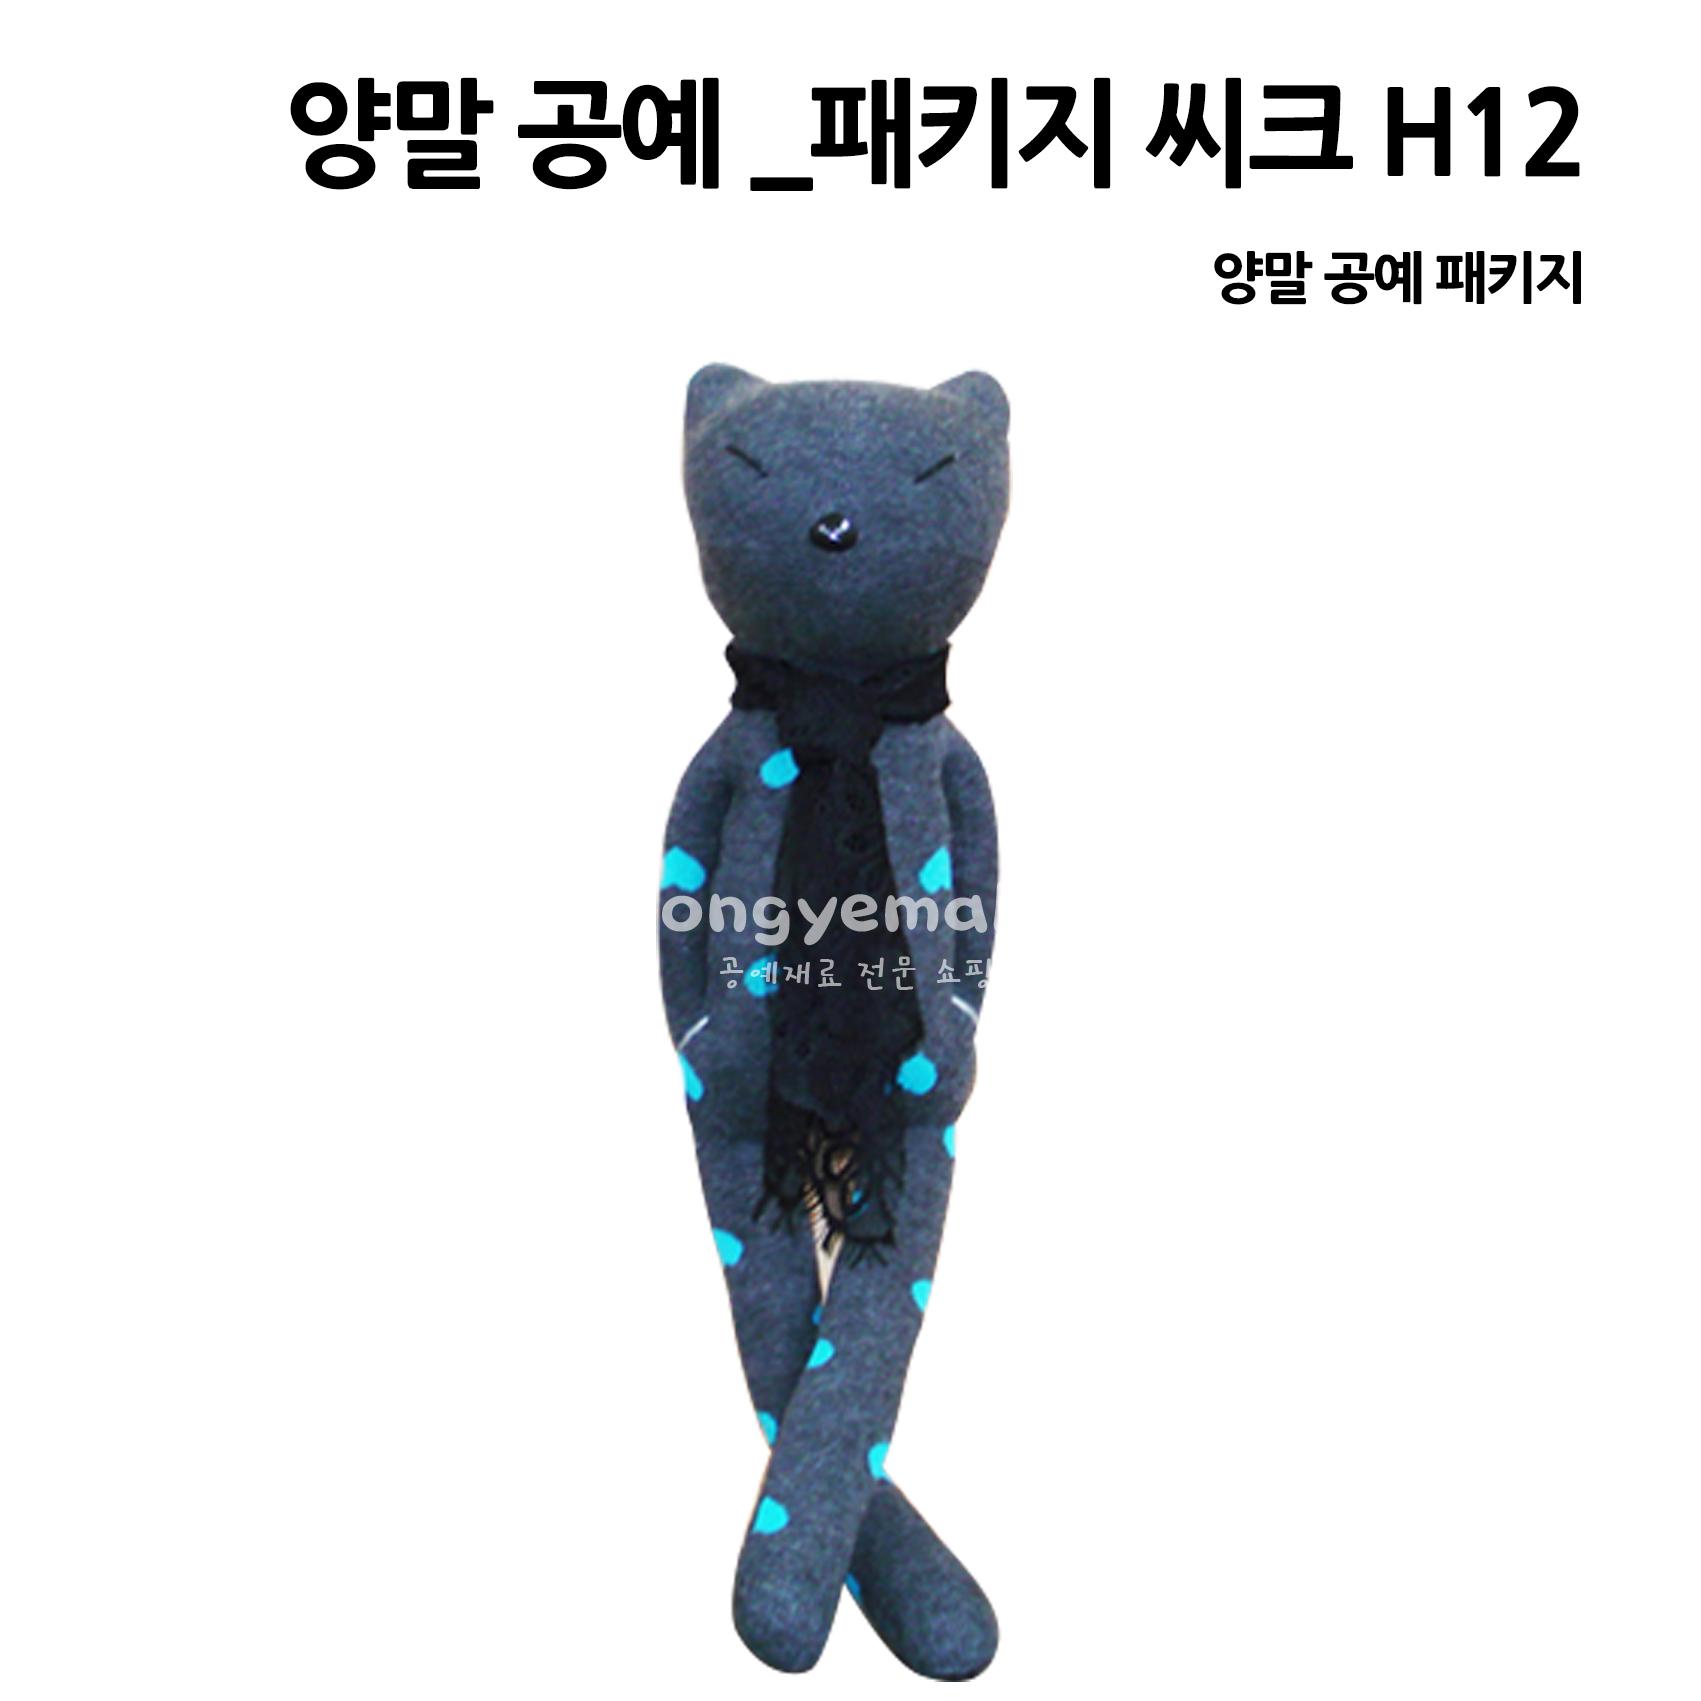 [양말공예]양말 DIY 패키지 씨크 H12